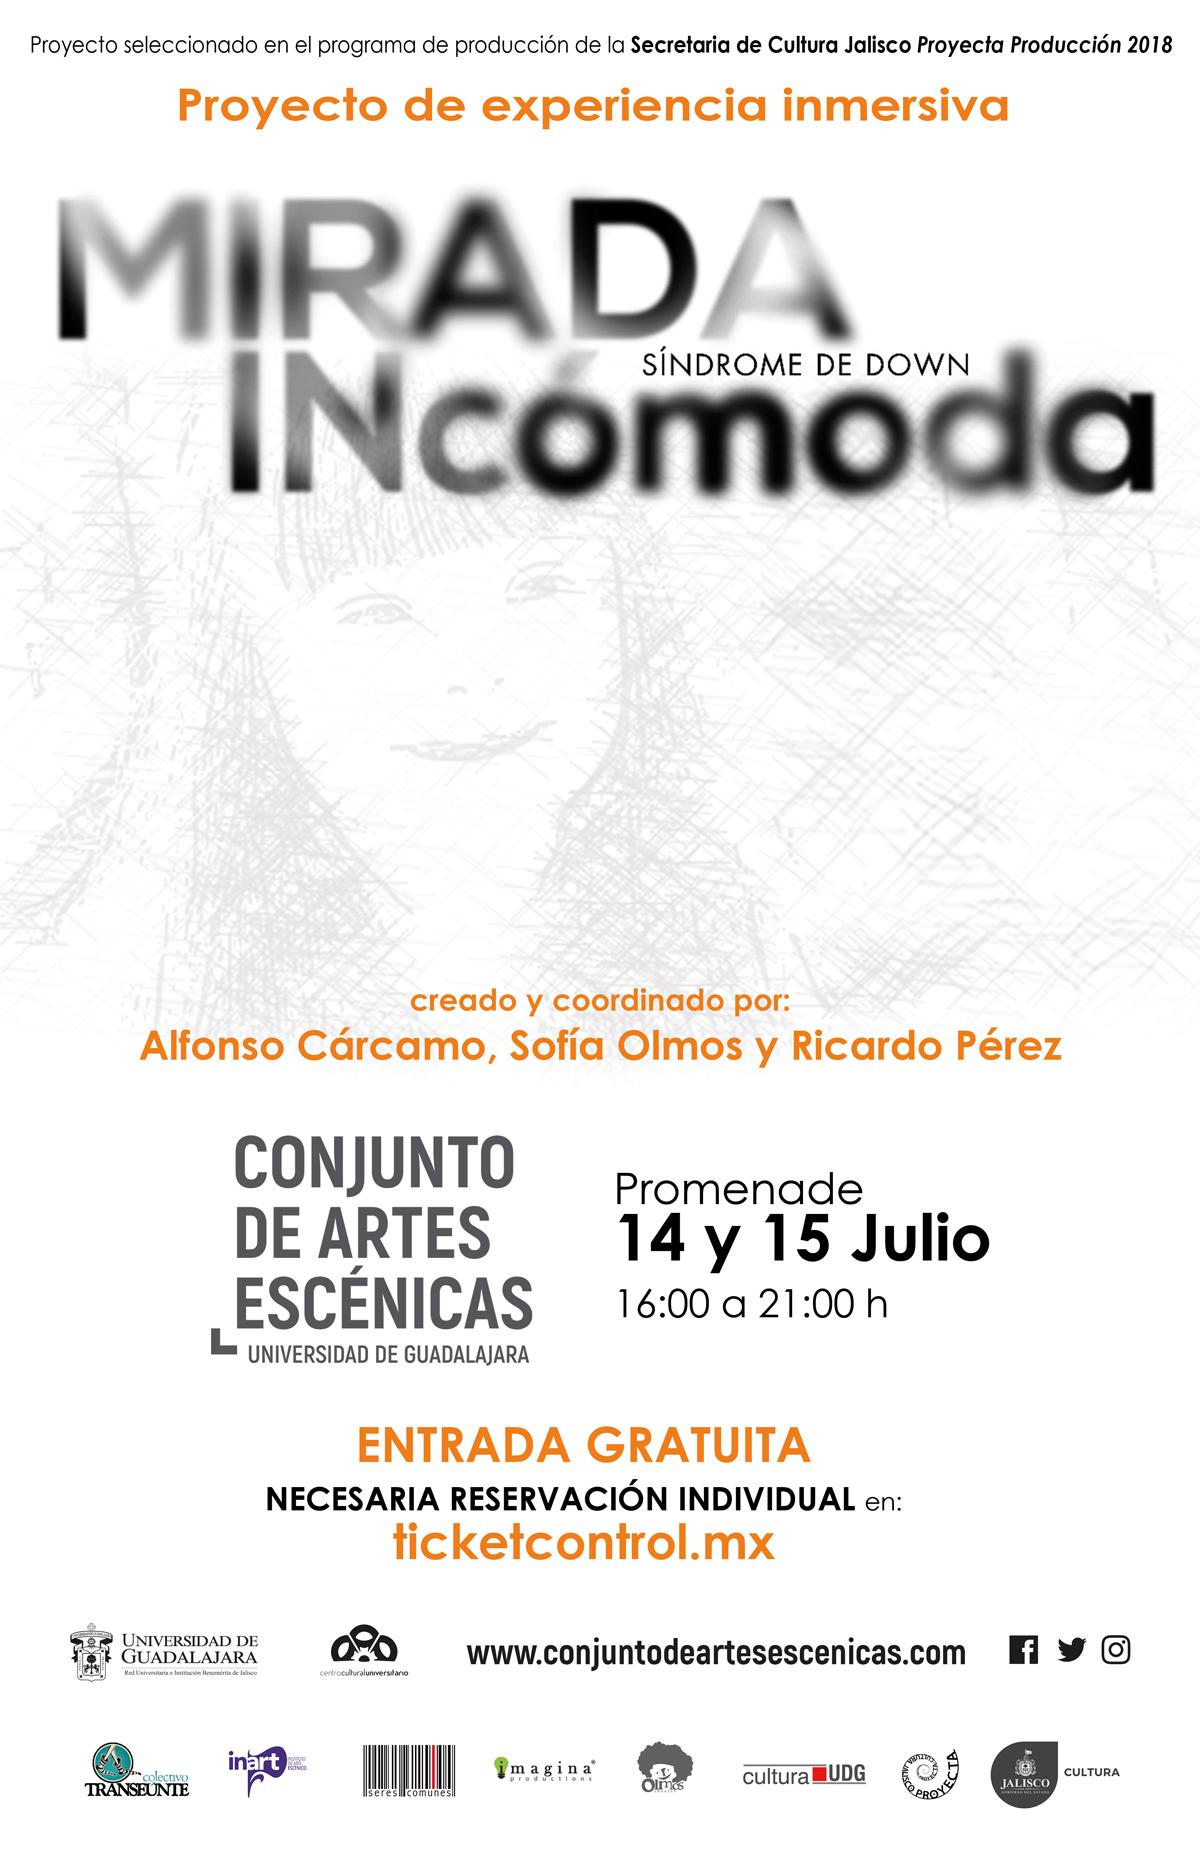 Mirada INcómoda (experiencia inmersiva) / Conjunto de Artes Escéncias